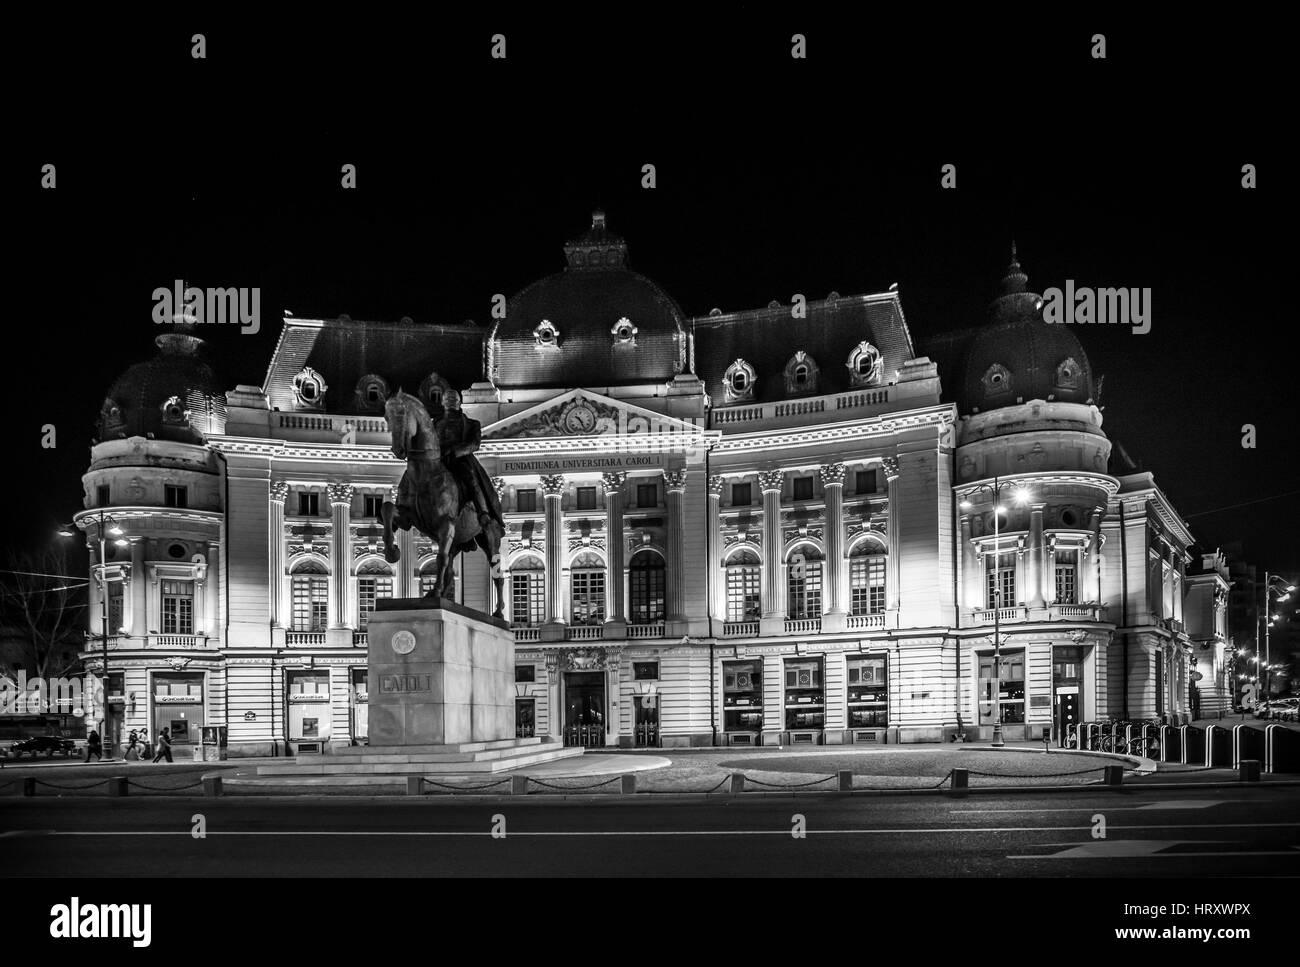 Fundatiunea Universitara Carol I, Bucharest, Calea Victoriei, Romanian Atheneum - Stock Image